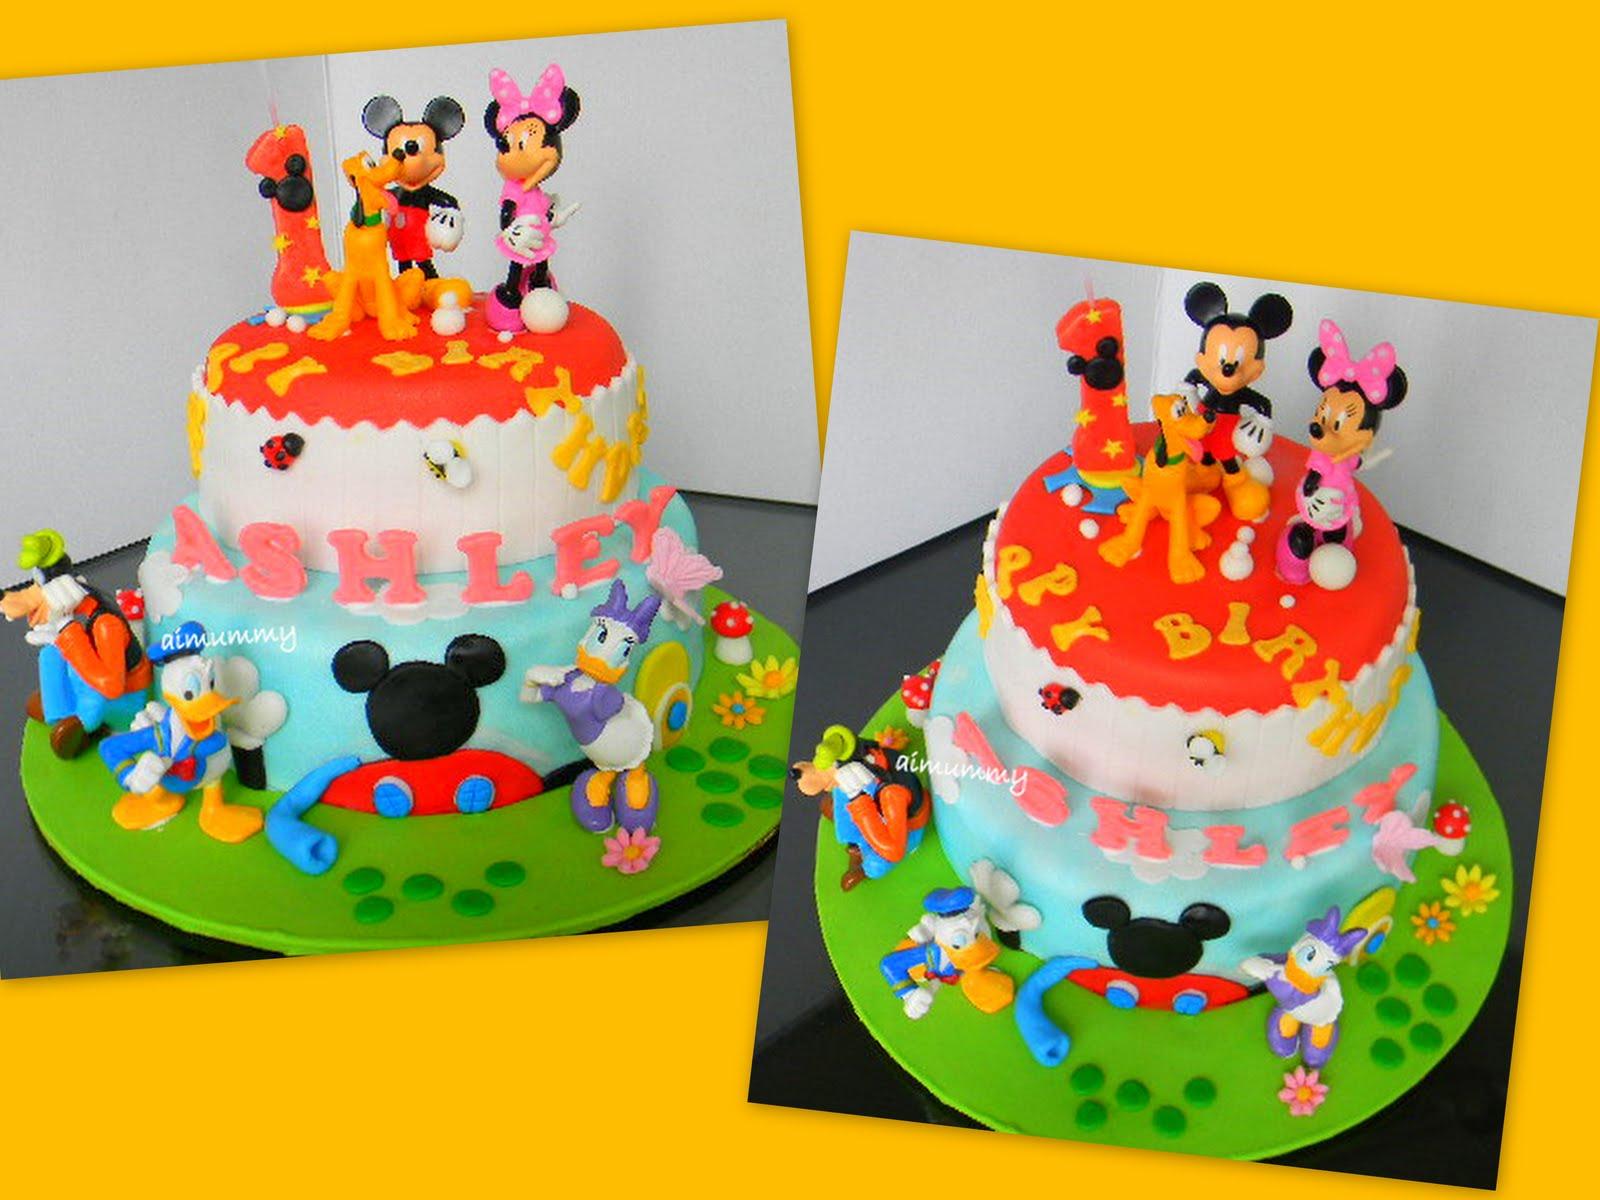 http://3.bp.blogspot.com/-p20zVdMtm44/TYU5yALnTvI/AAAAAAAAA3g/VhaI6xl_S24/s1600/Mickey%2B-%2BAshley.jpg